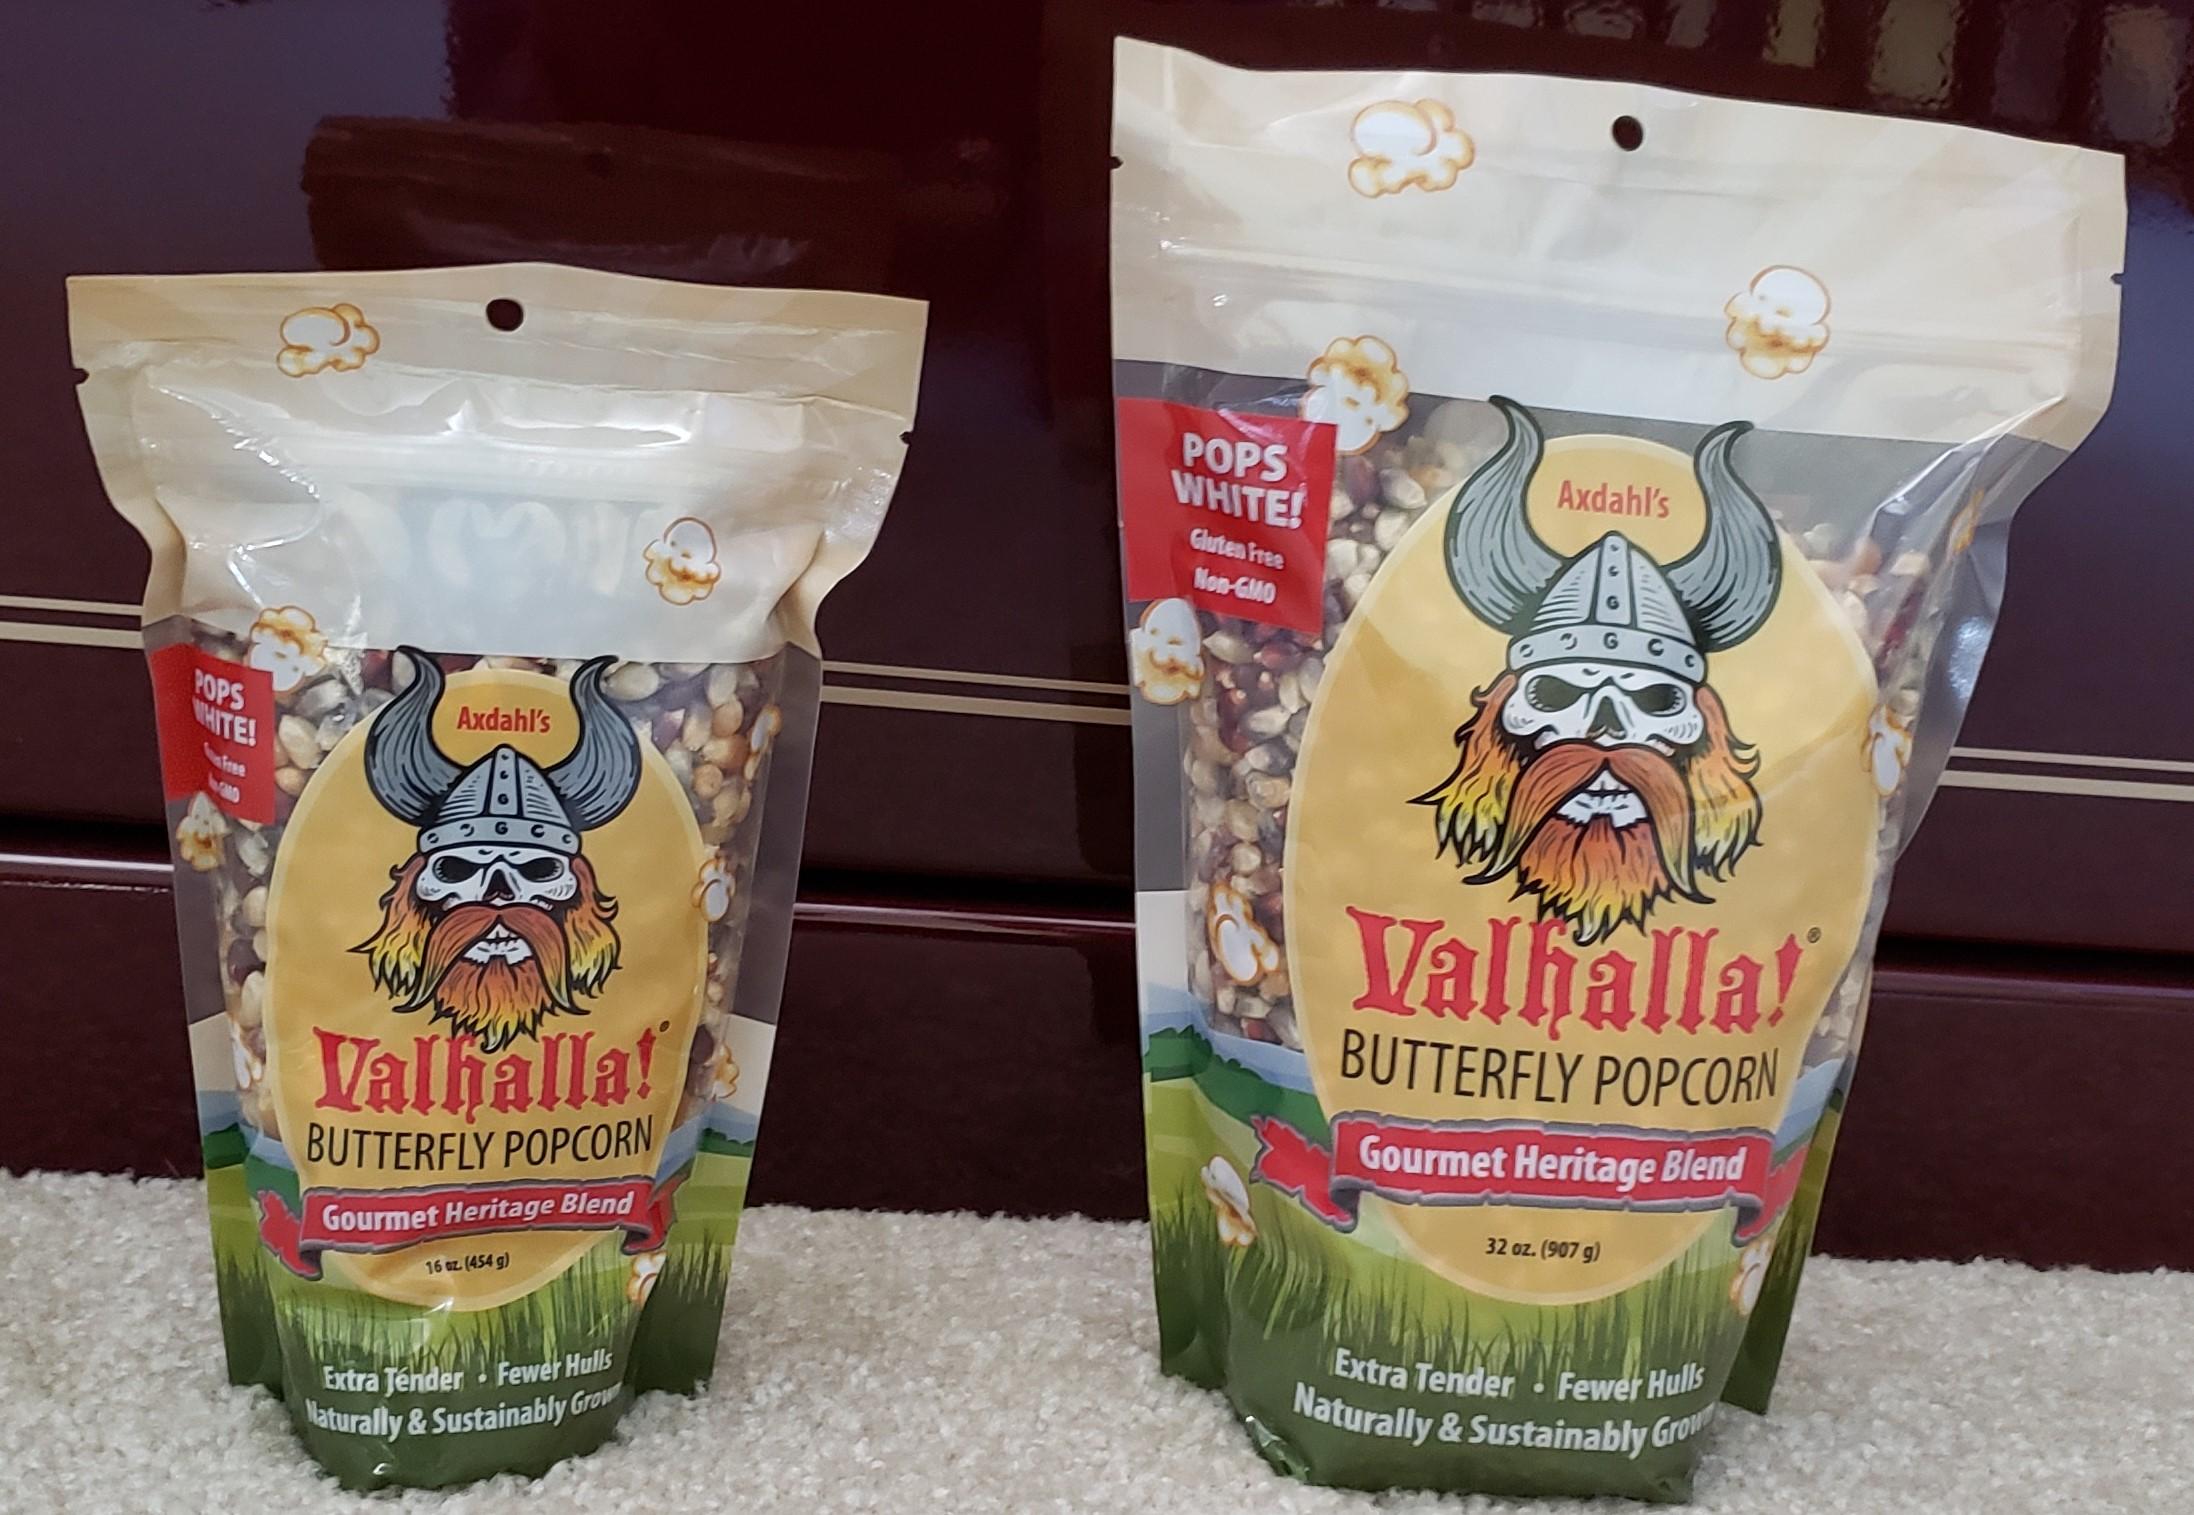 Valhalla! Gourmet Popcorn front